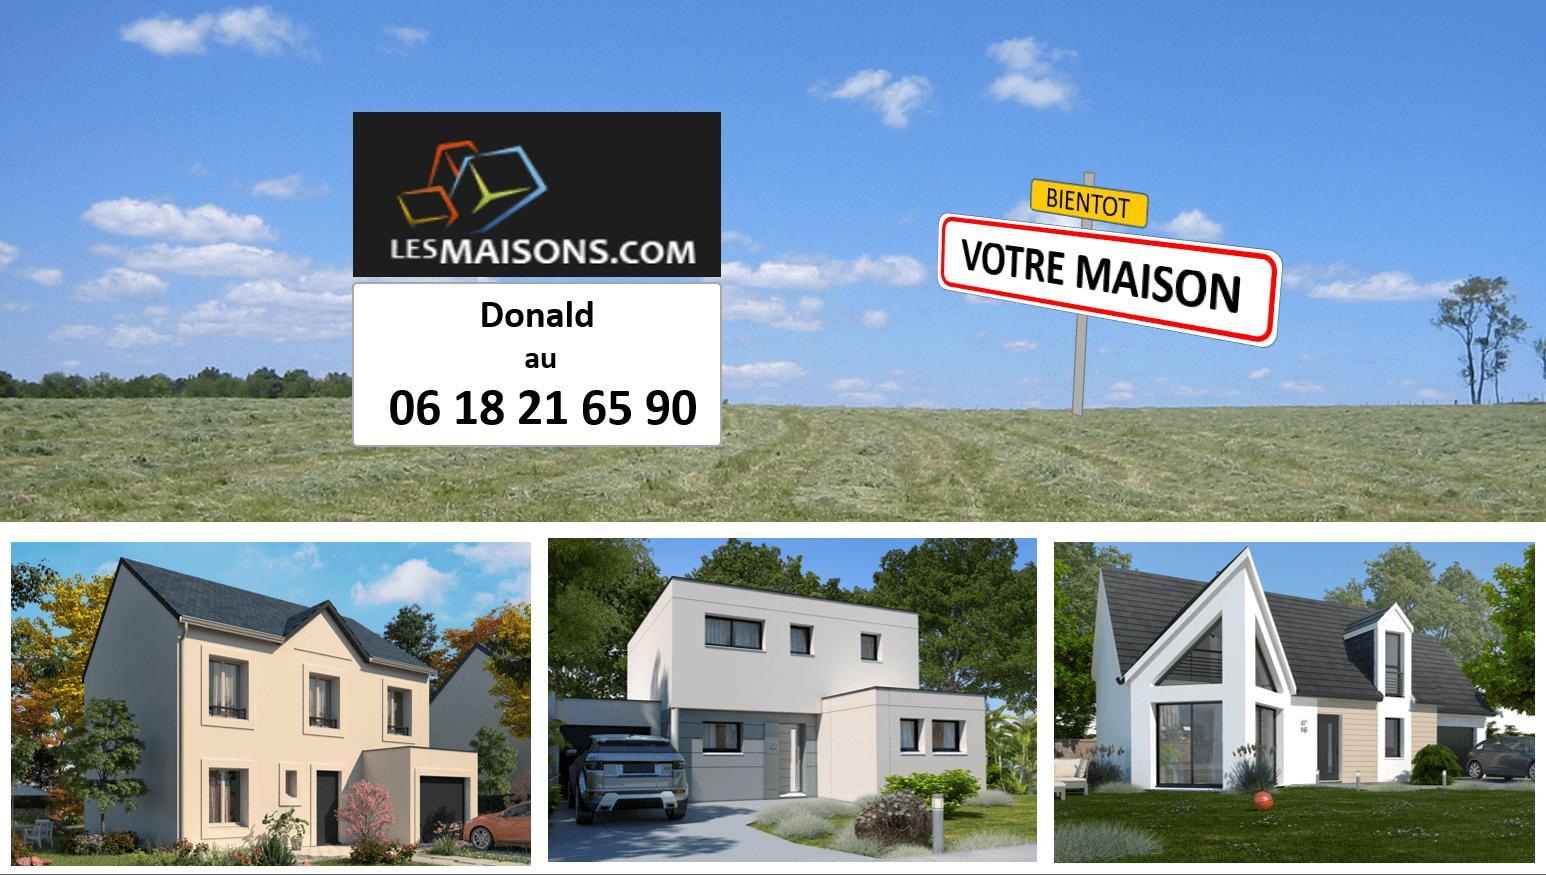 Terrains du constructeur LES MAISONS.COM LA VILLE DU BOIS • 450 m² • BALLANCOURT SUR ESSONNE